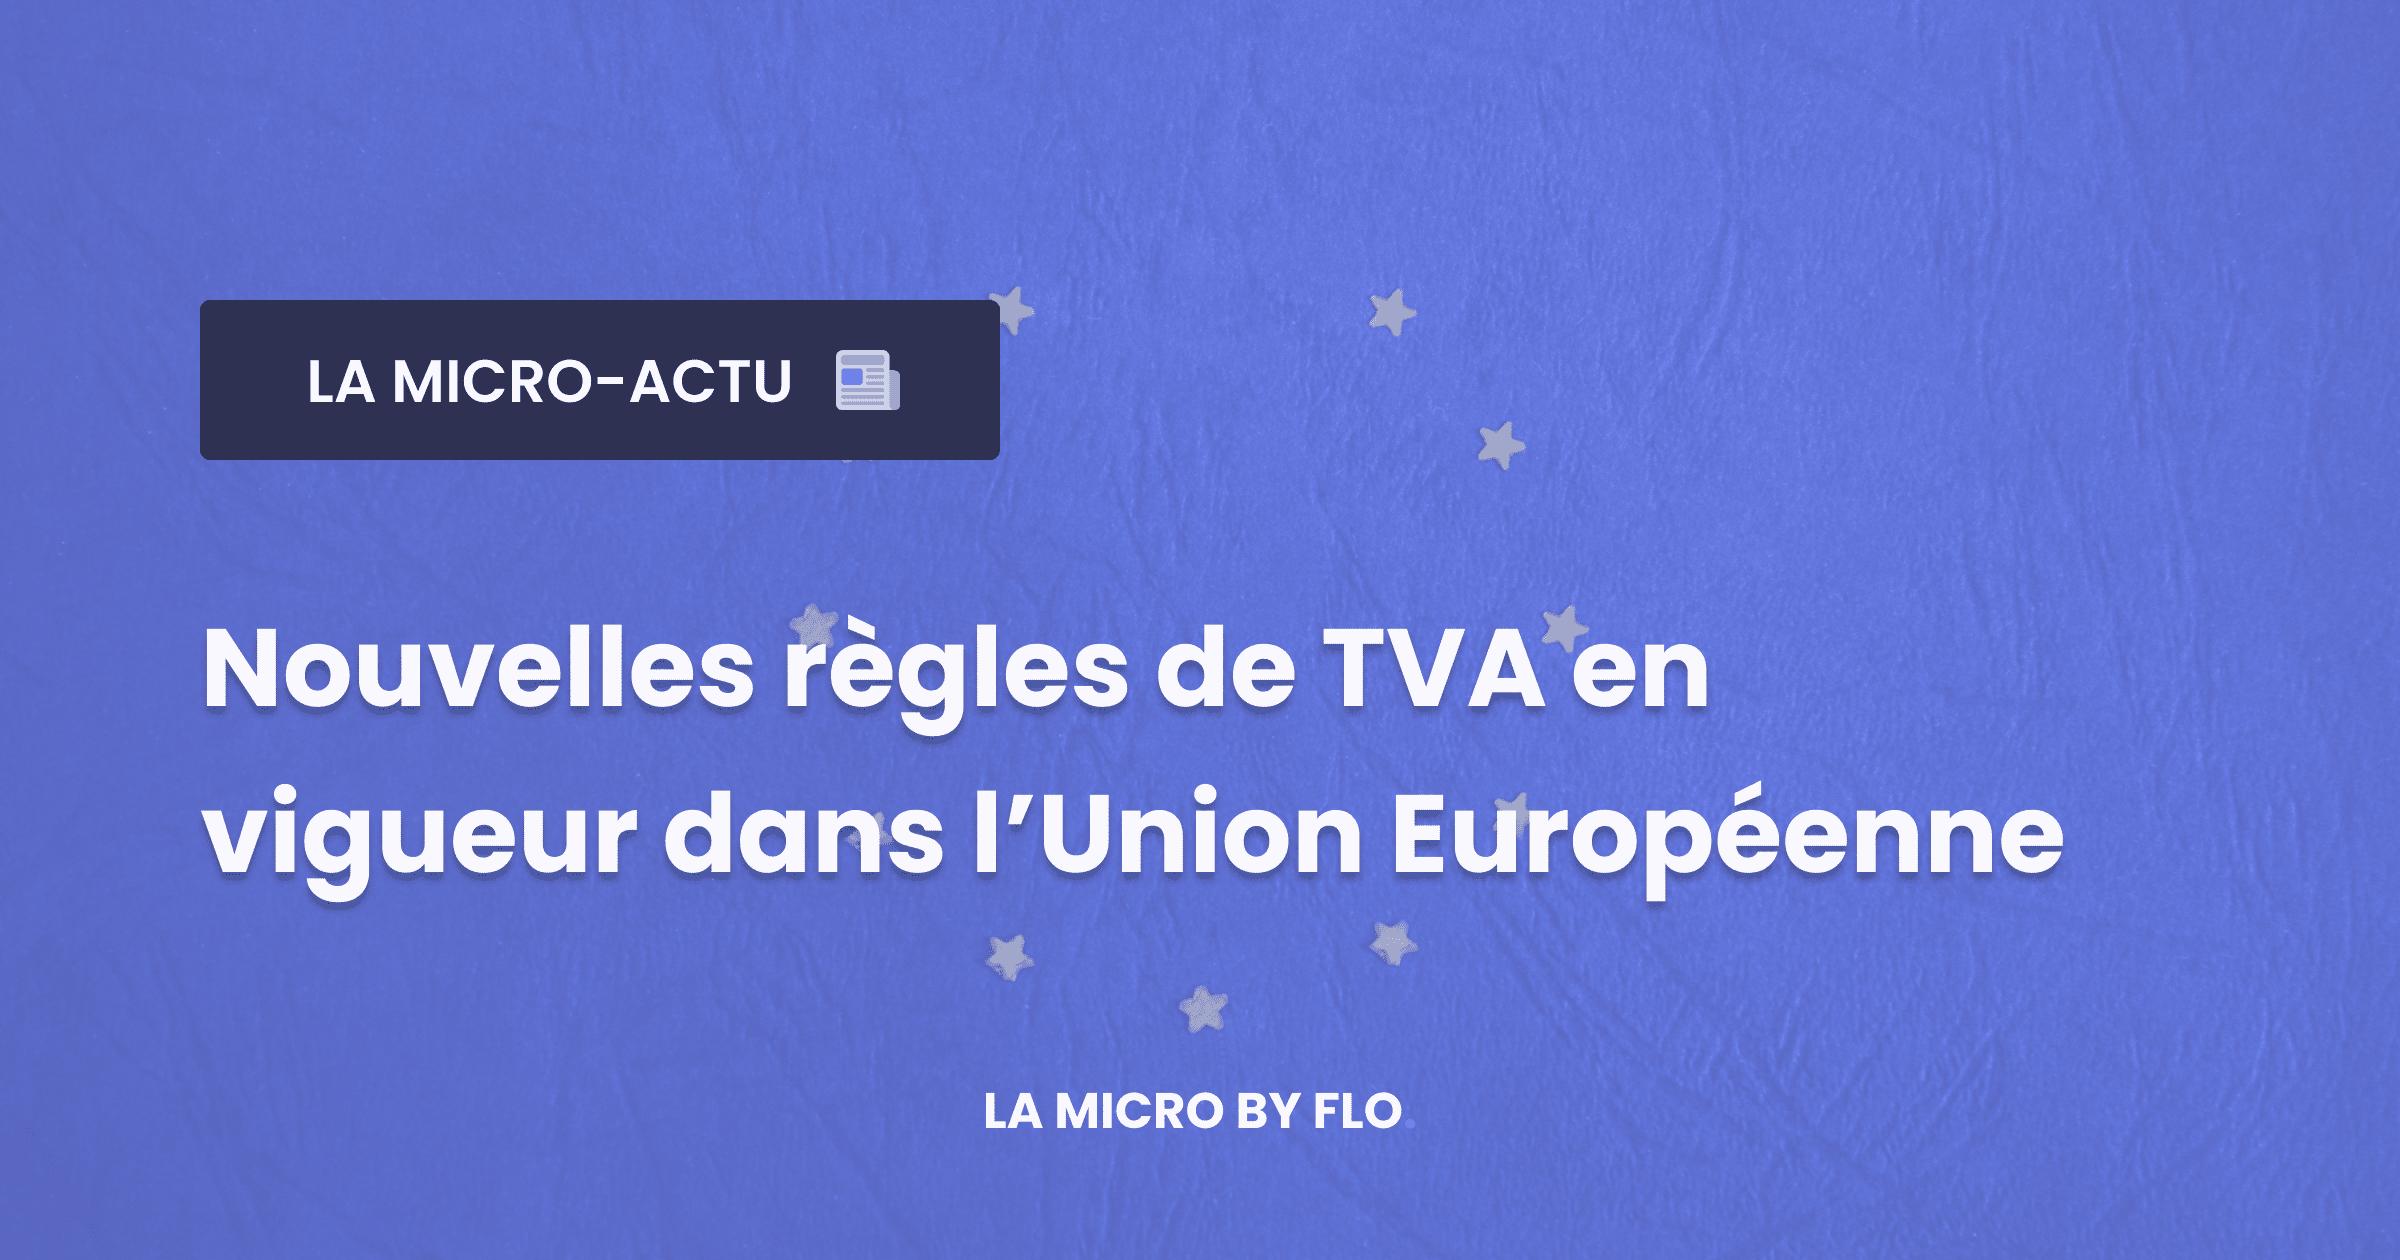 Modifications de la TVA dans l'Union Européenne dès juillet 2021